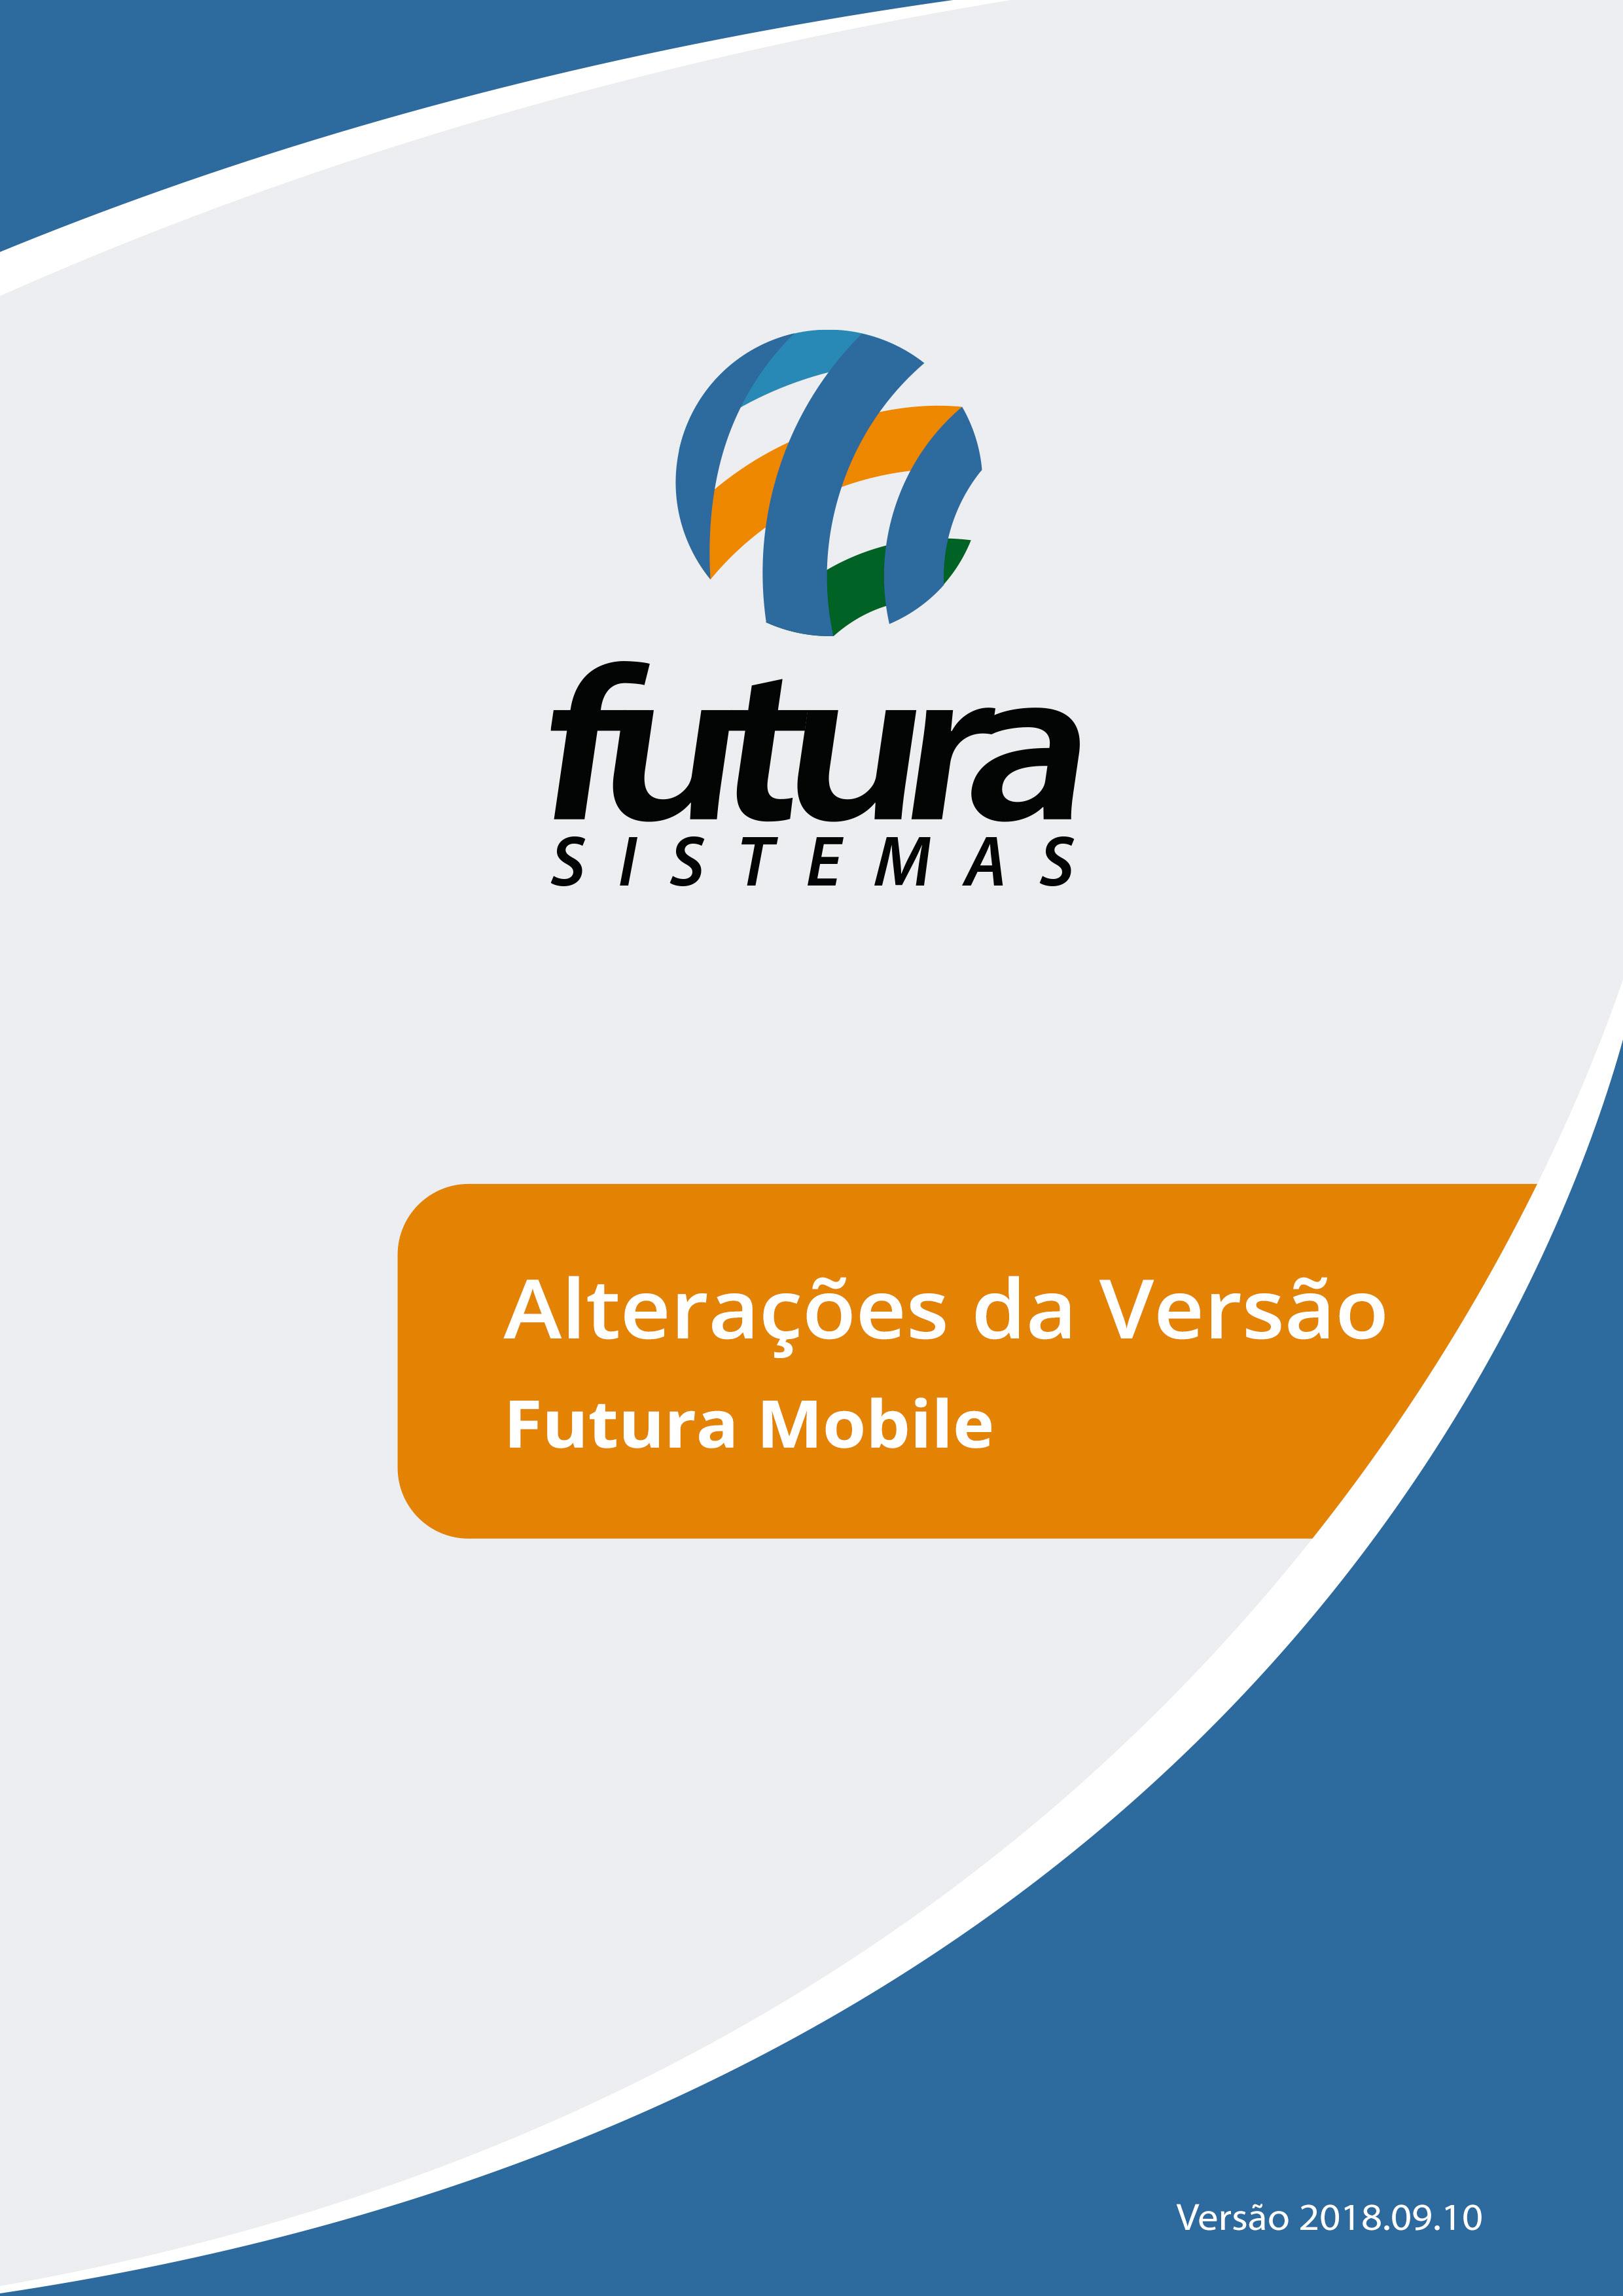 Futura-Mobile